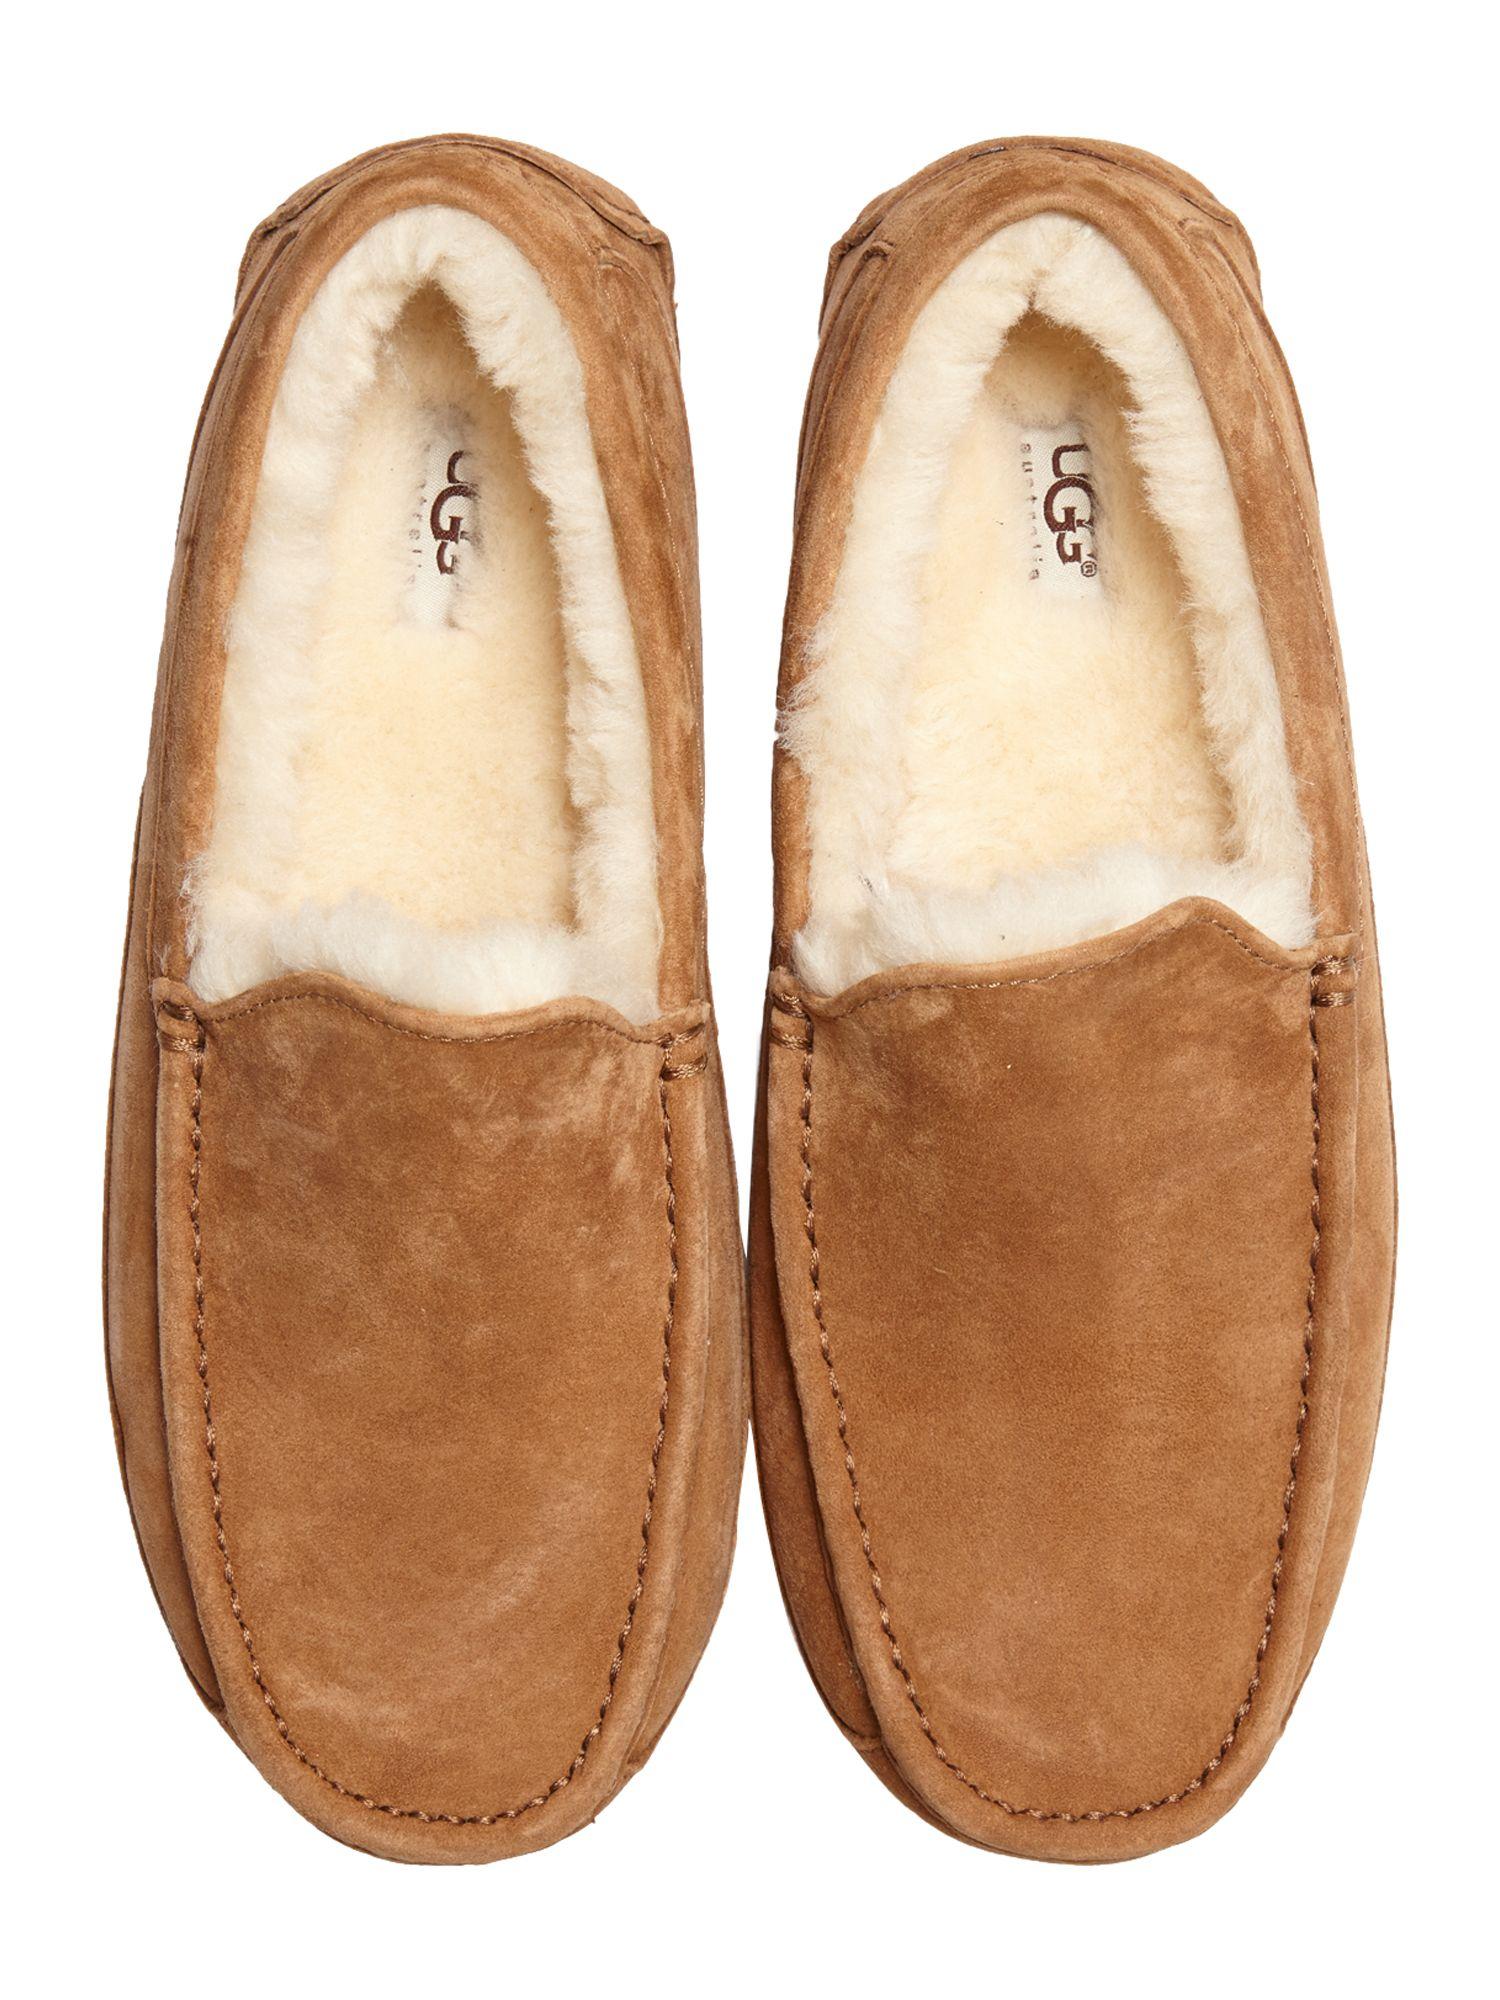 Clarks Shoes Ascott